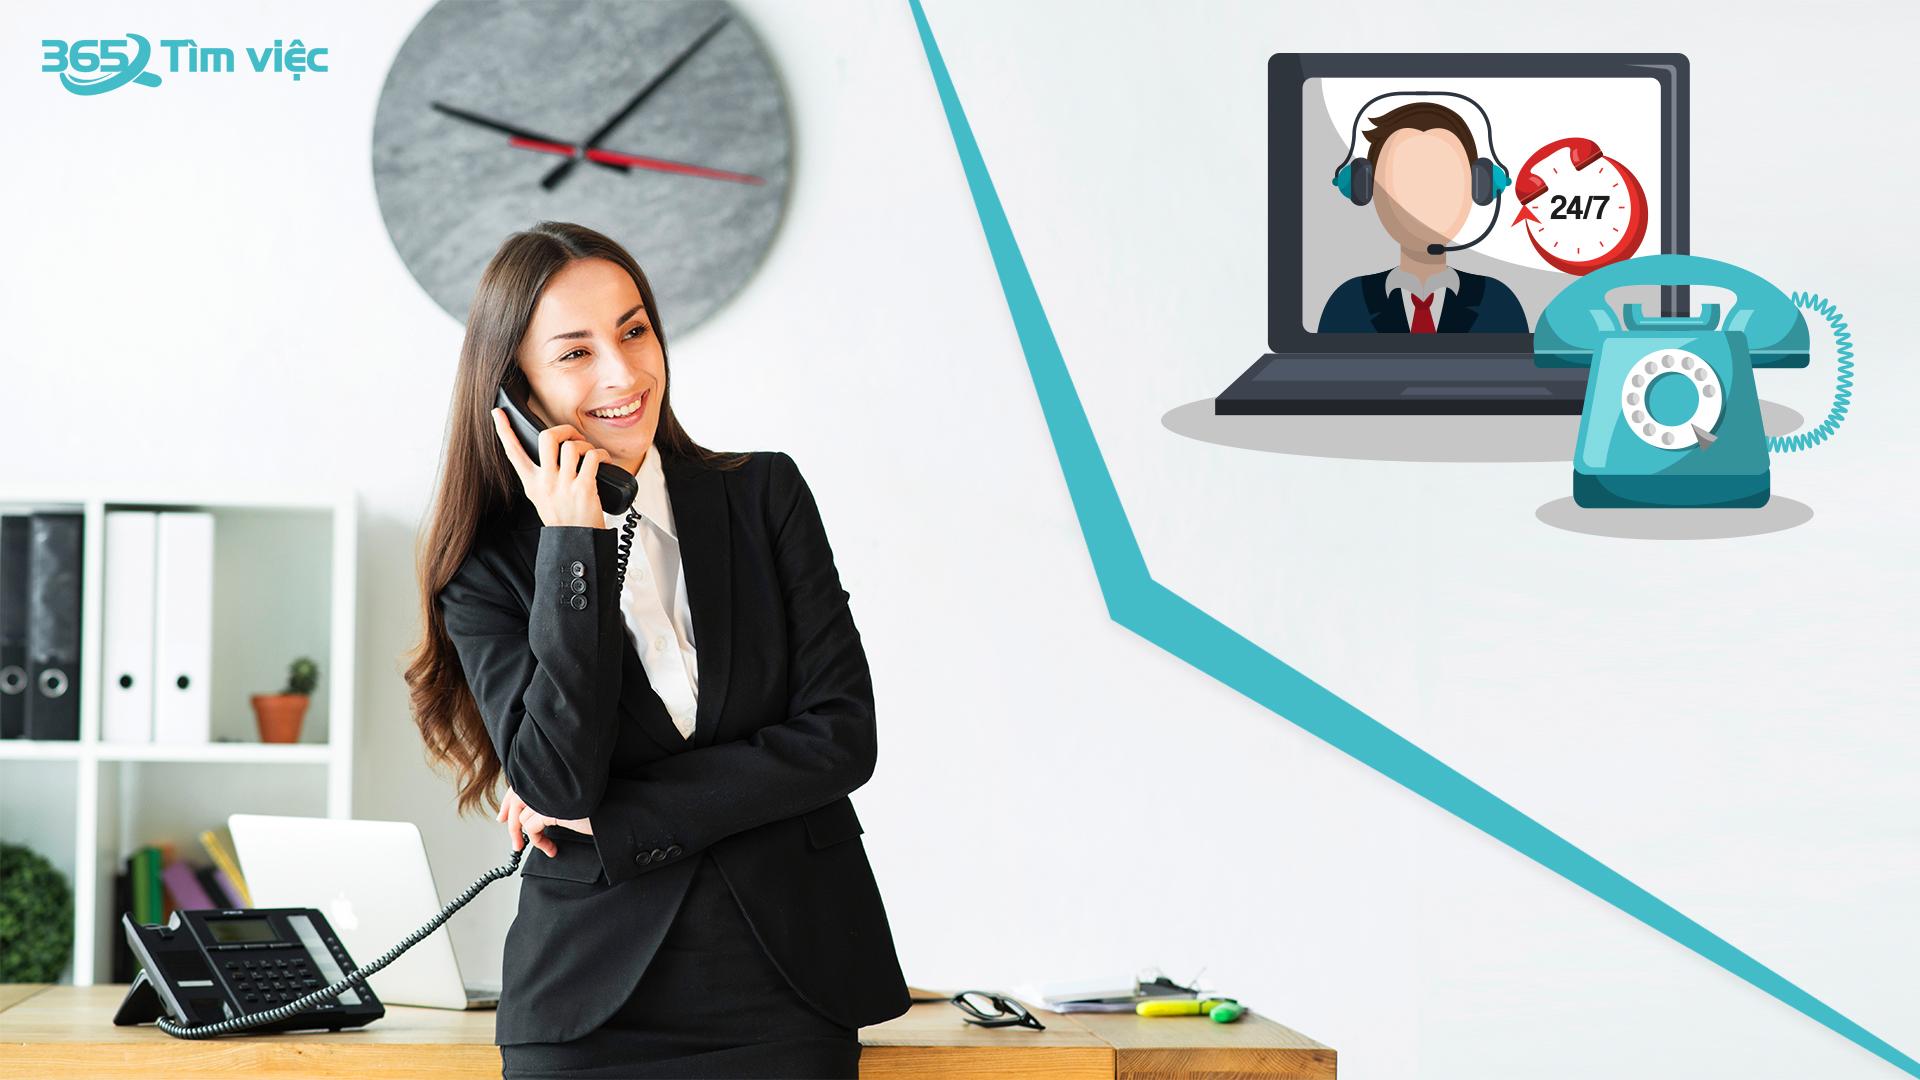 Telesales cần gây sự chú ý như thế nào để tiếp cận khách hàng của mình?